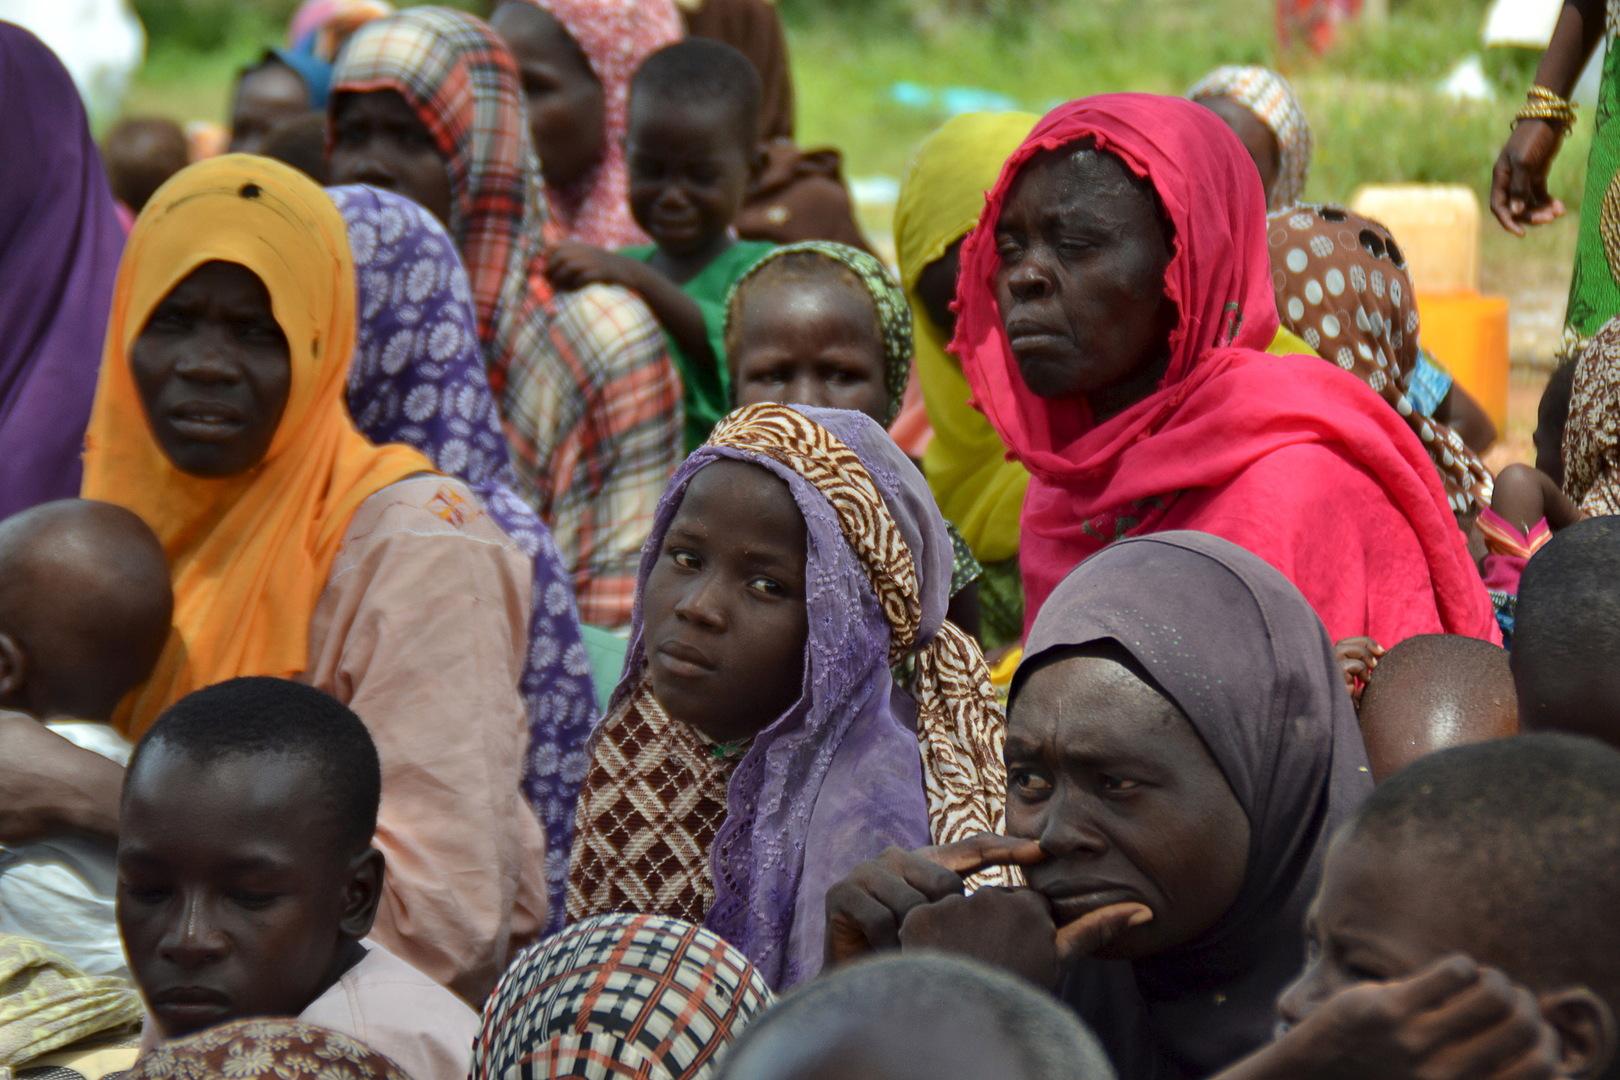 نزوح عشرات آلاف الأشخاص من شمال شرق نيجيريا بعد هجوم شنته جماعات مسلحة